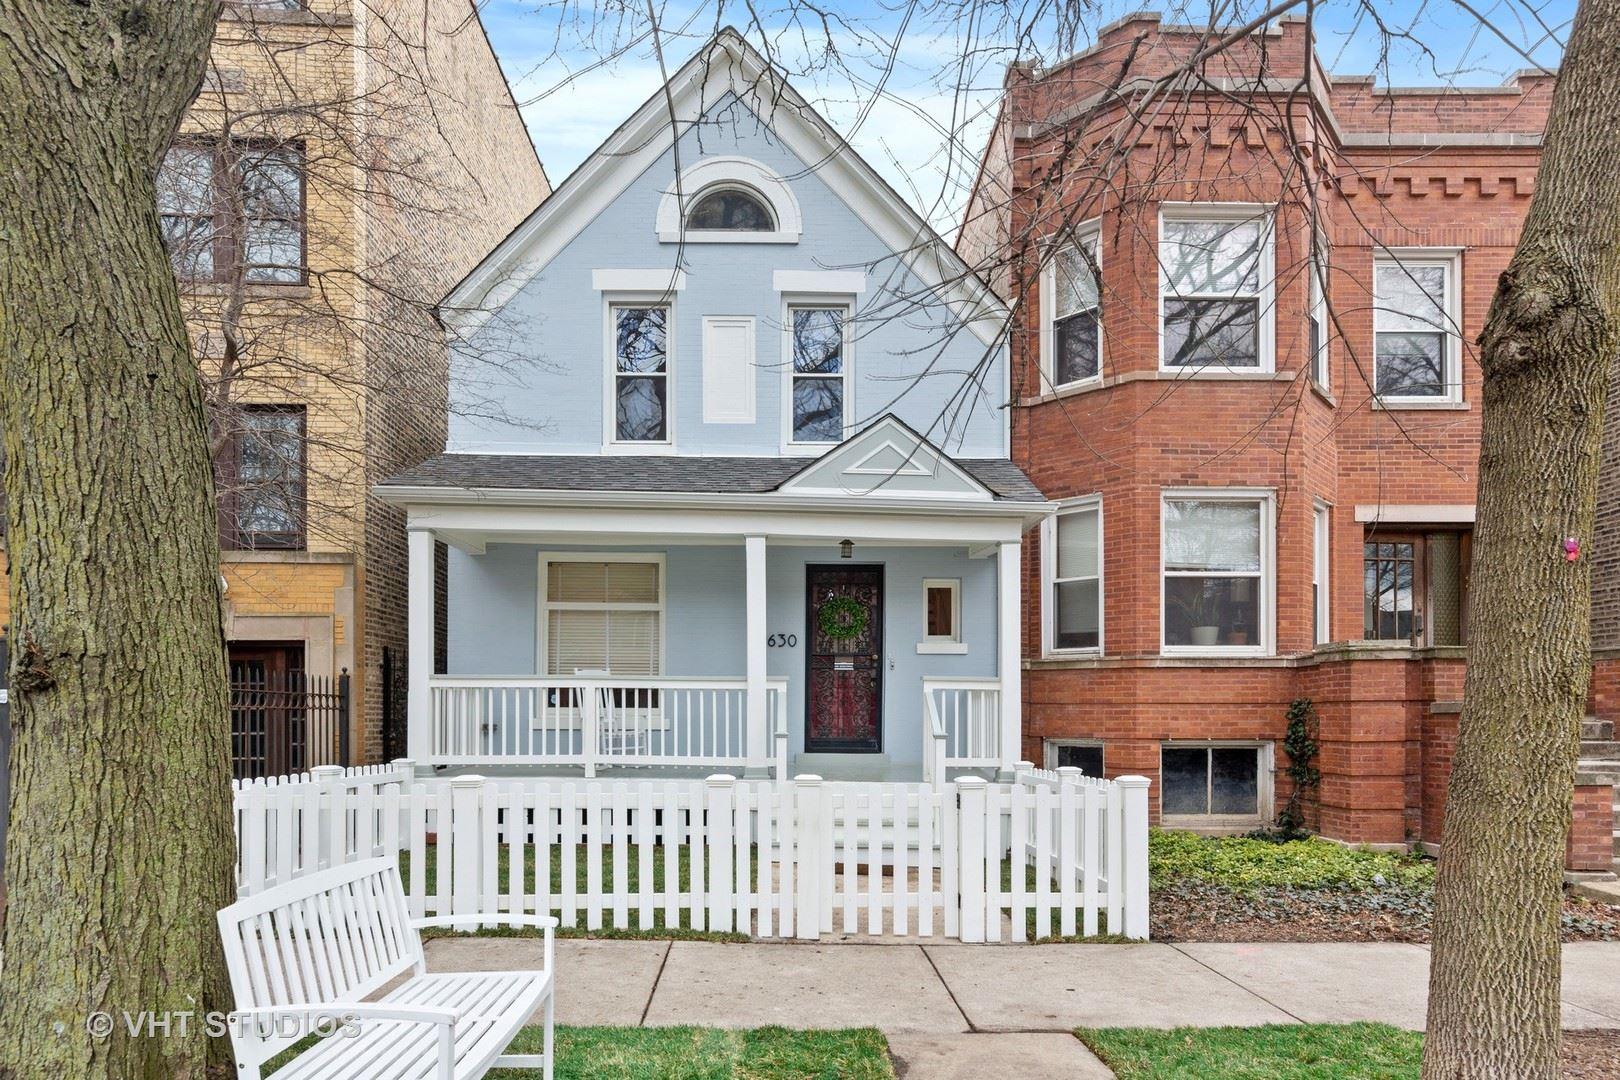 2630 N RICHMOND Street, Chicago, IL 60647 - #: 10759291